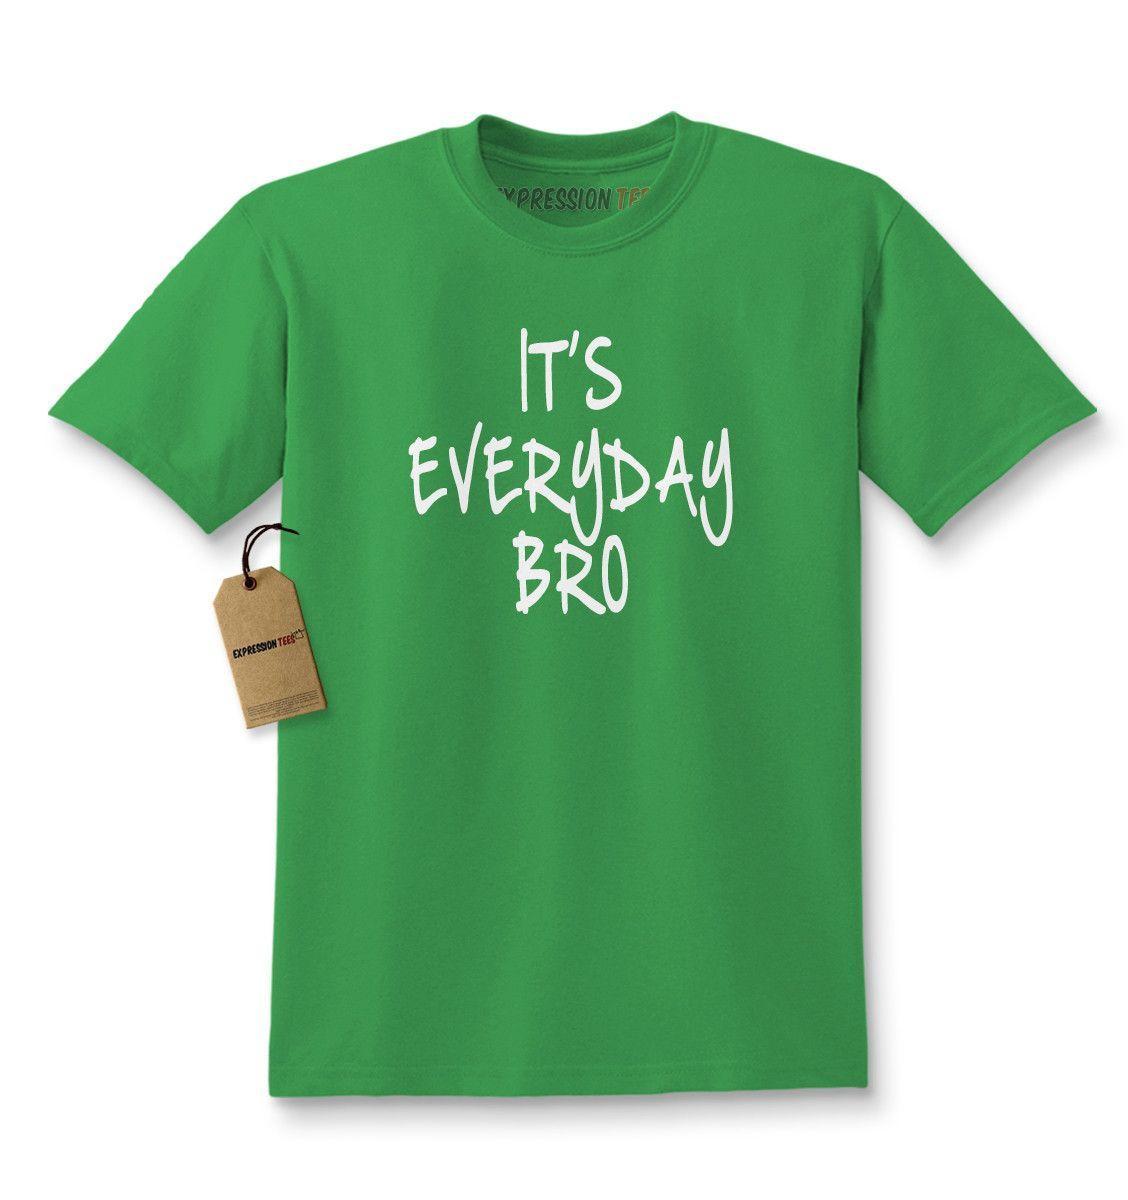 It's Everyday Bro Kids T-shirt